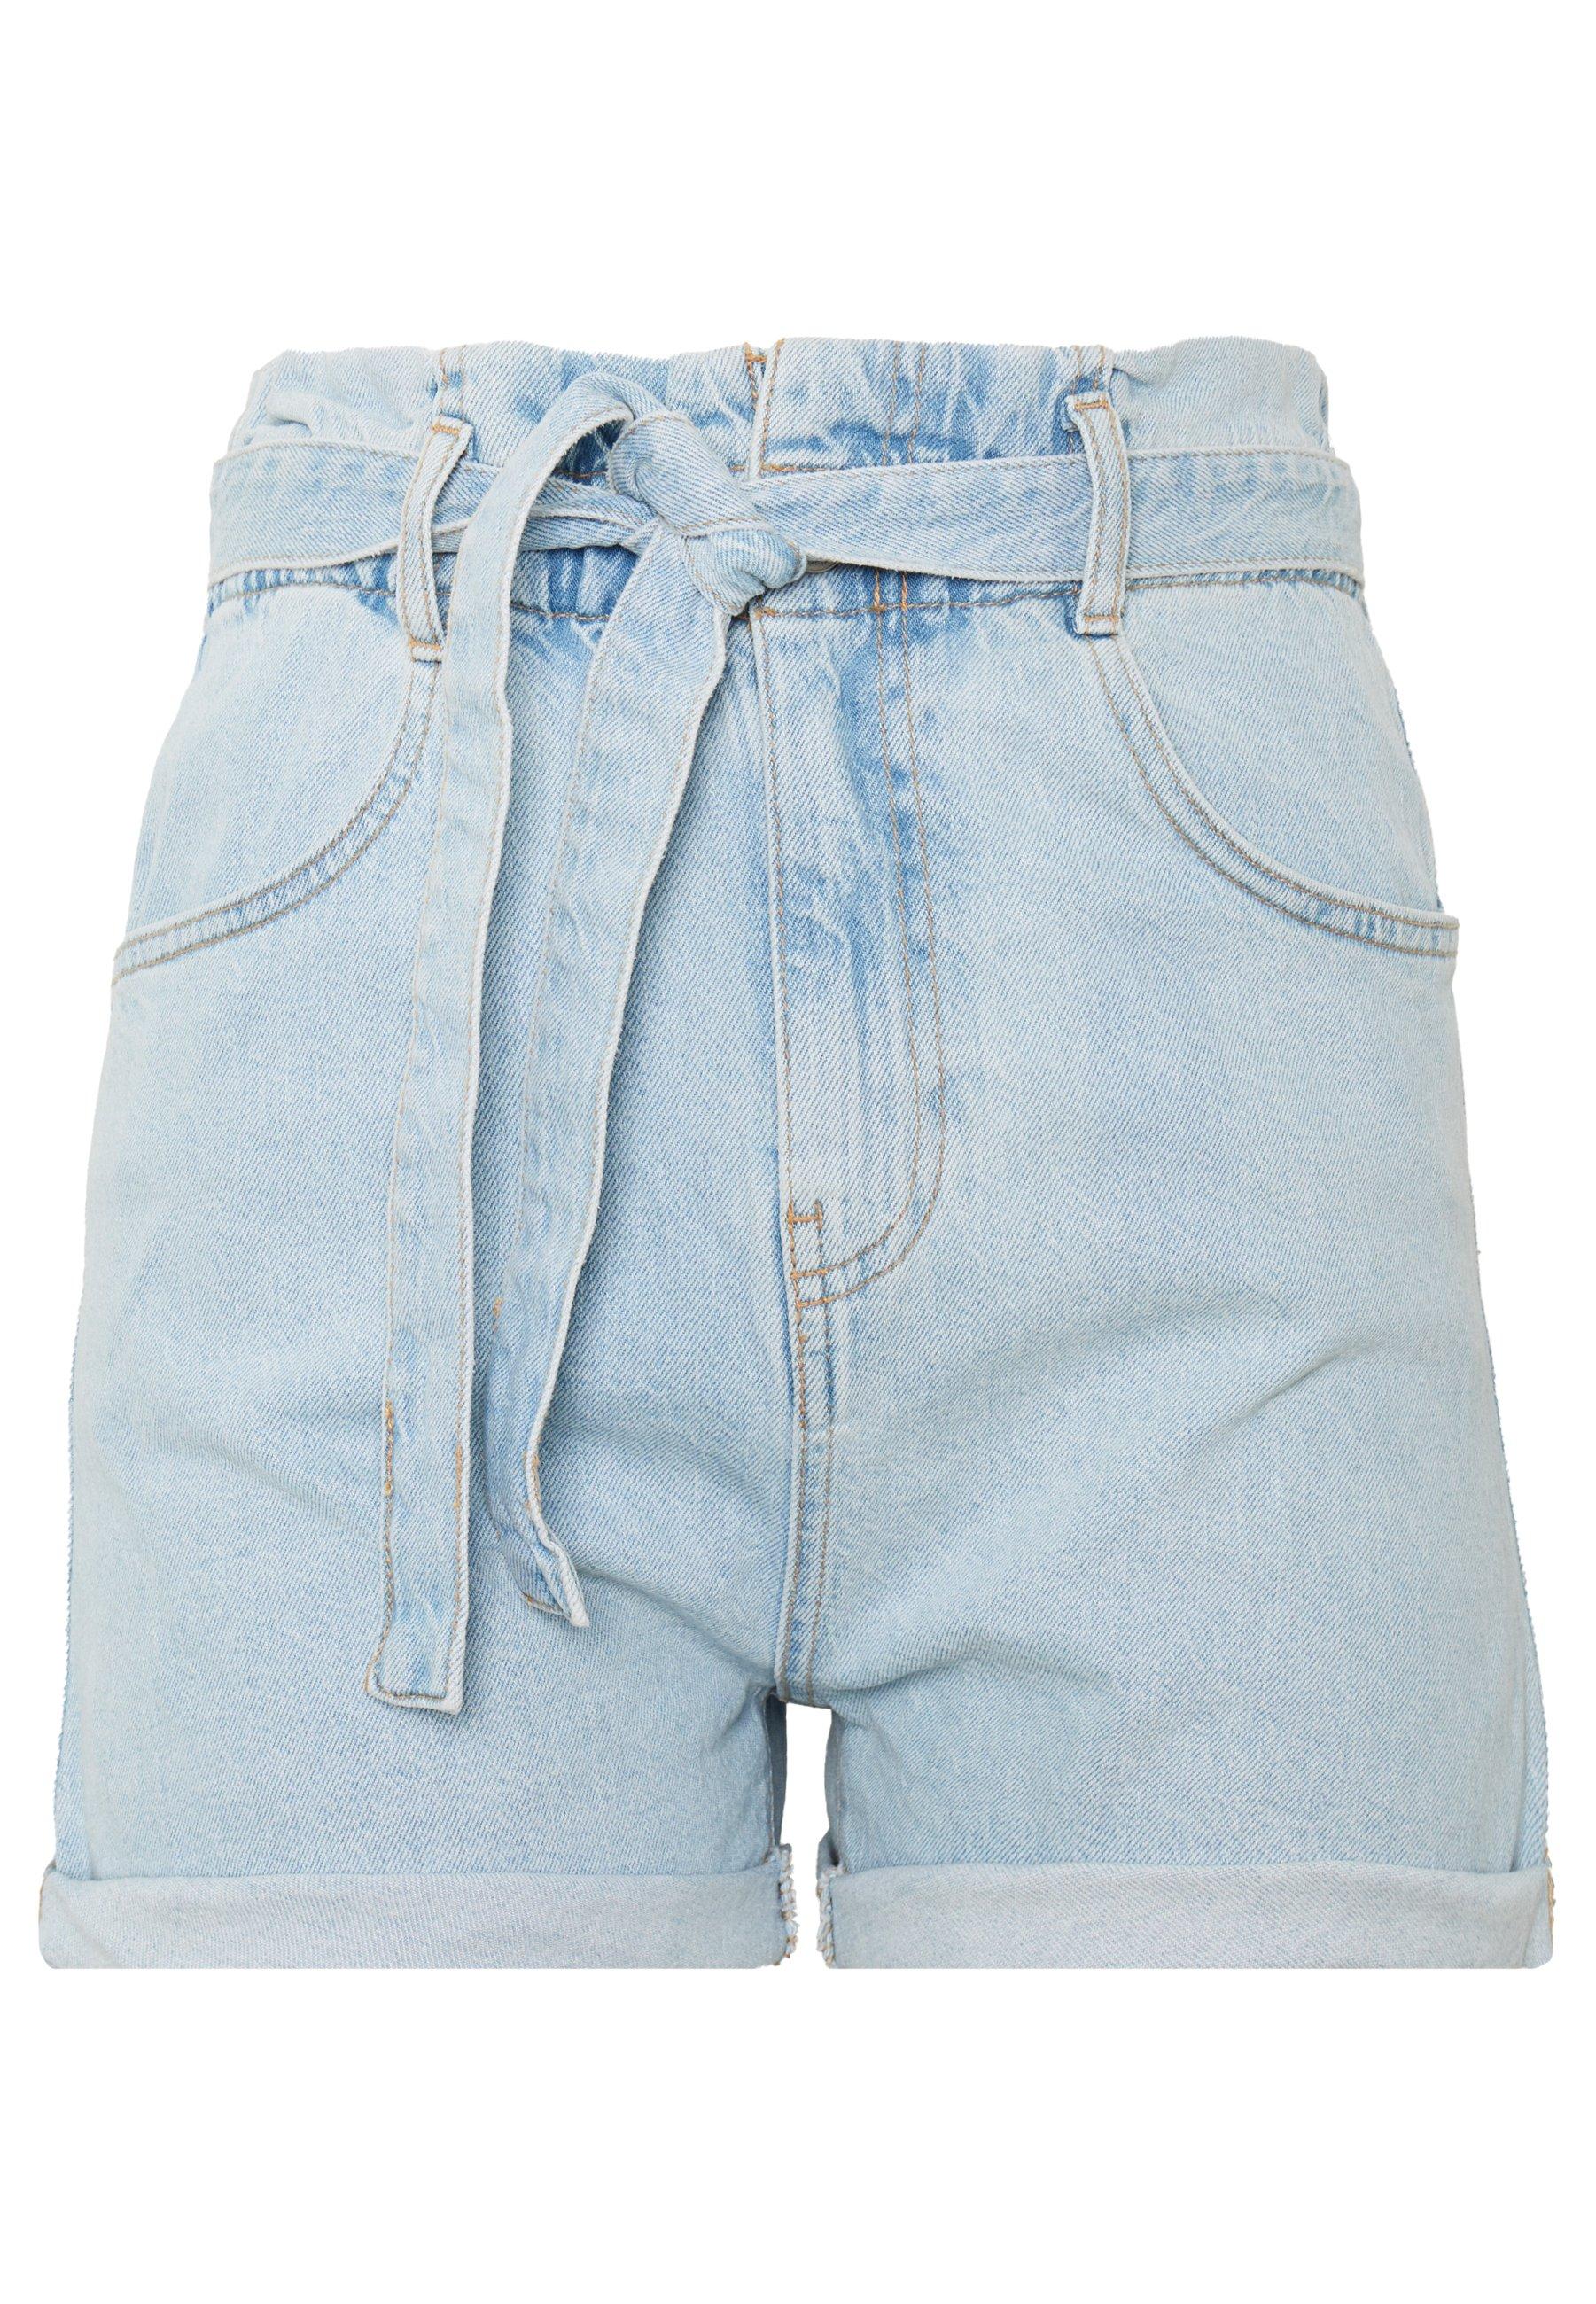 Shorts Vaqueros De Mujer Pantalones Denim Cortos En Zalando